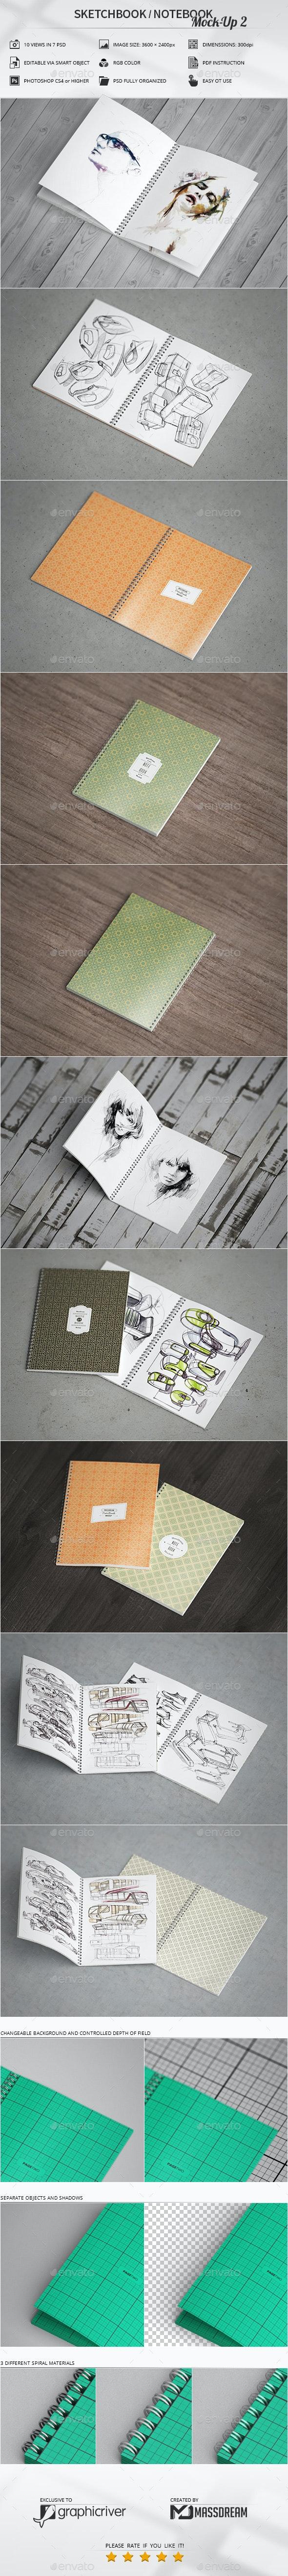 Sketchbook / Notebook Mock-Up 2 - Print Product Mock-Ups